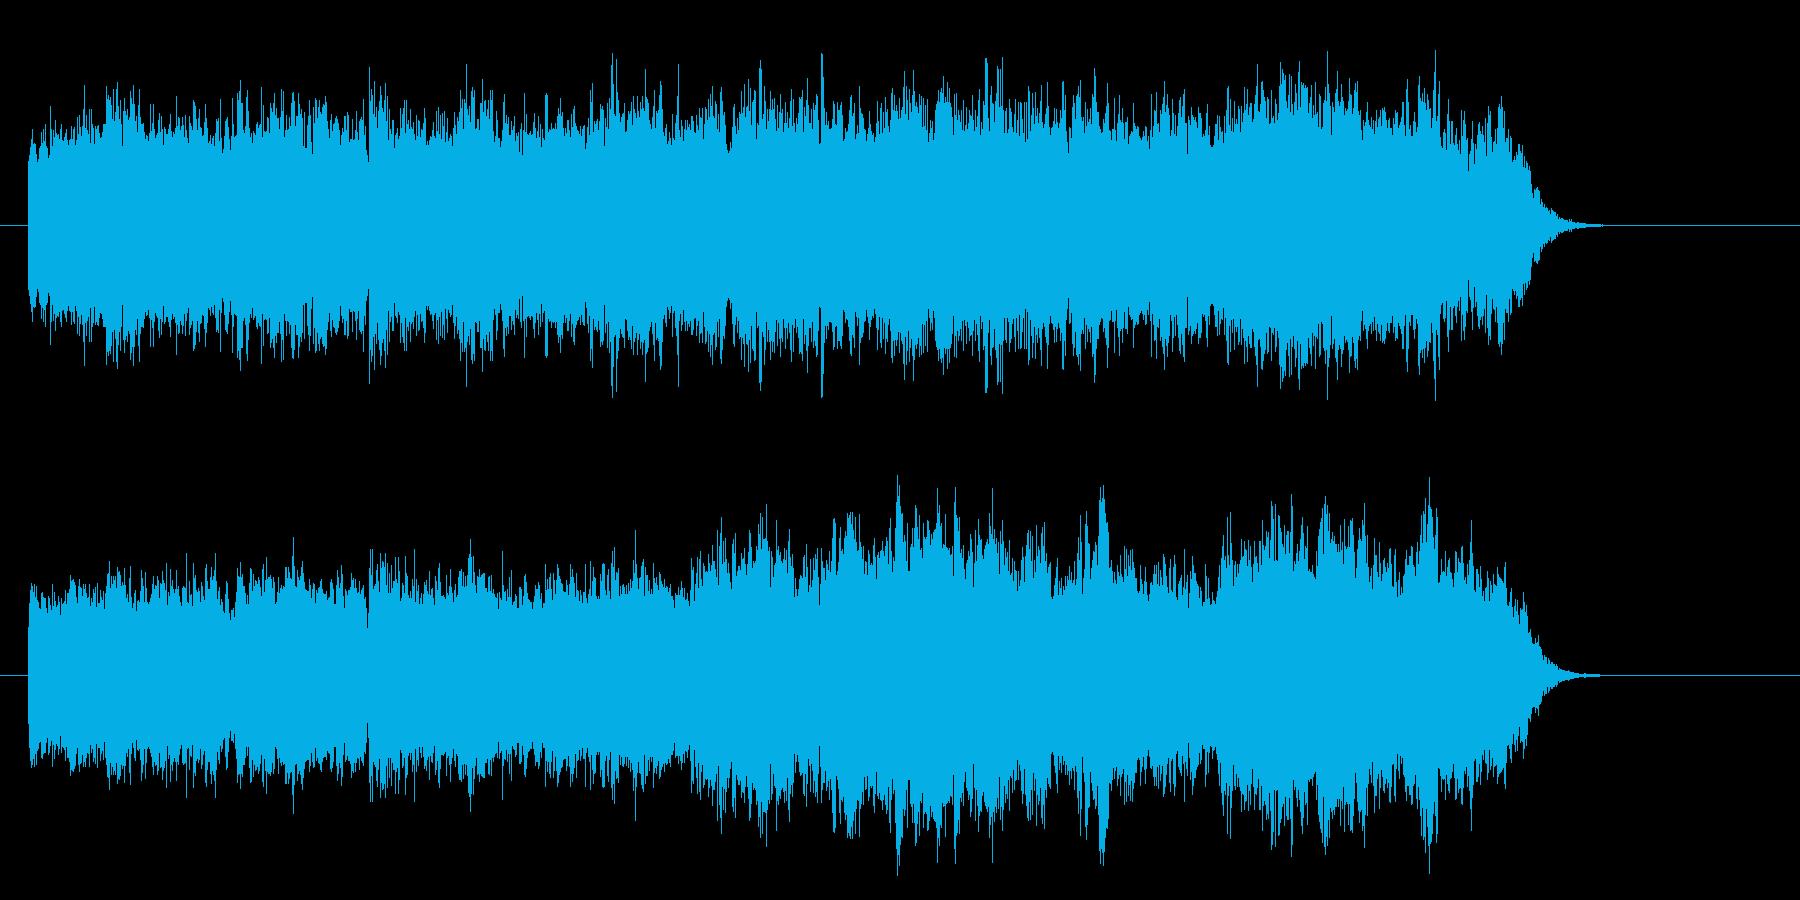 生命観のあるサイエンス調環境音楽の再生済みの波形